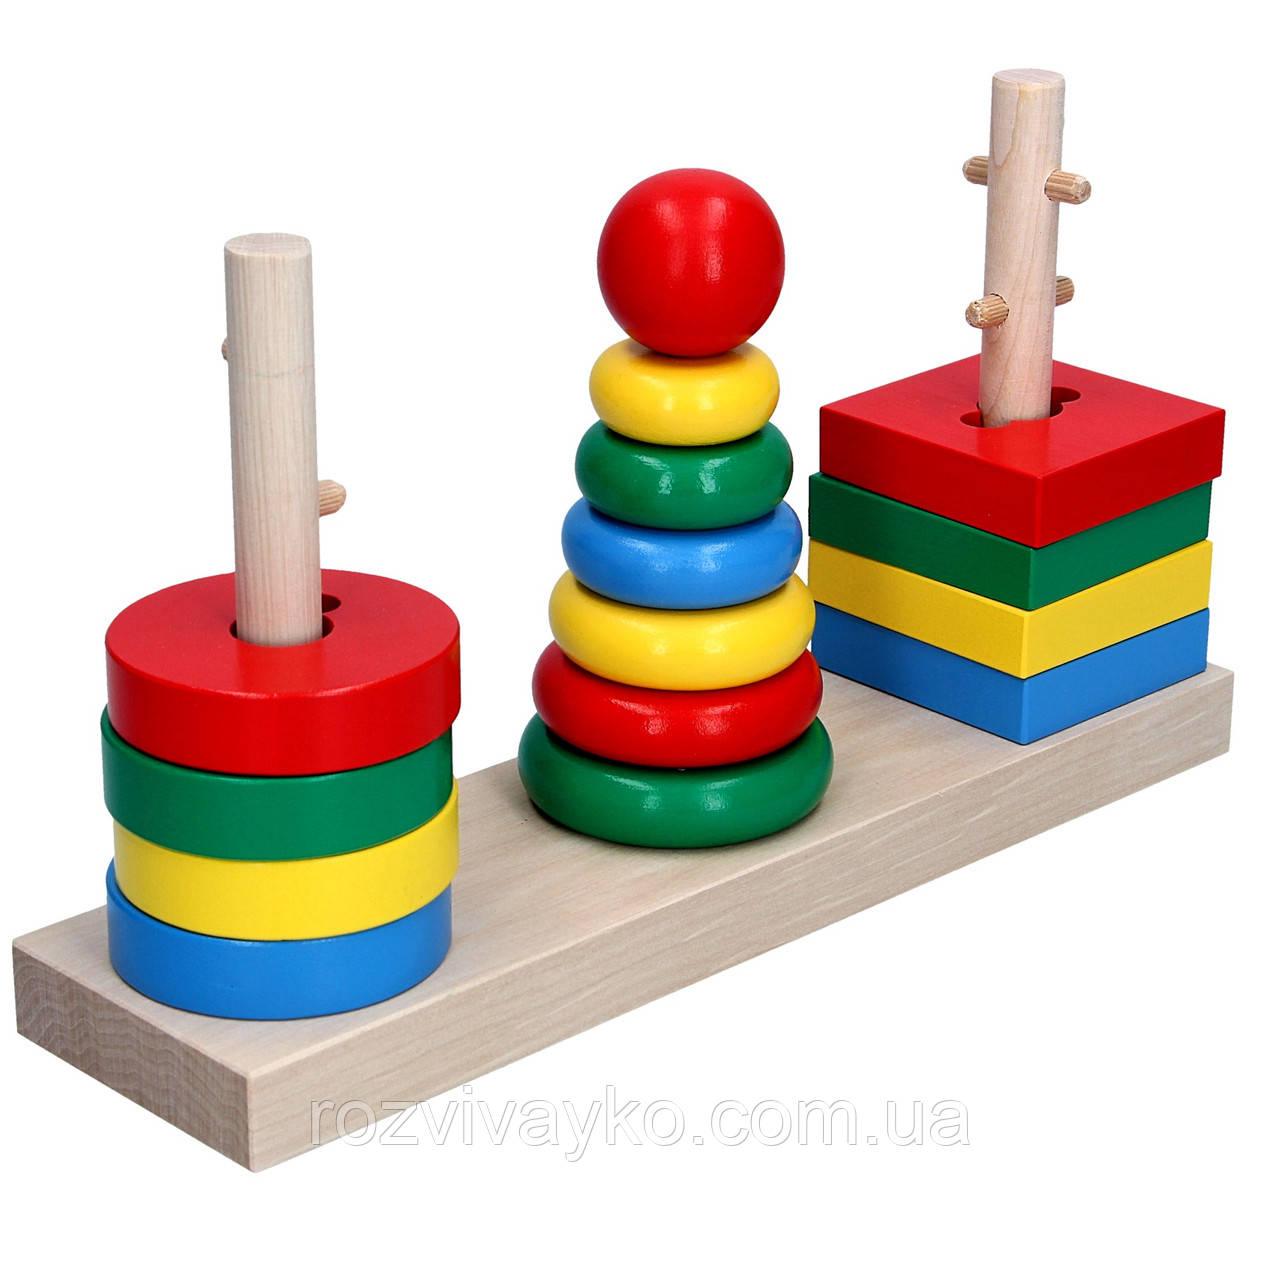 Деревянная логическая пирамидка 3 в 1 KomarovToys